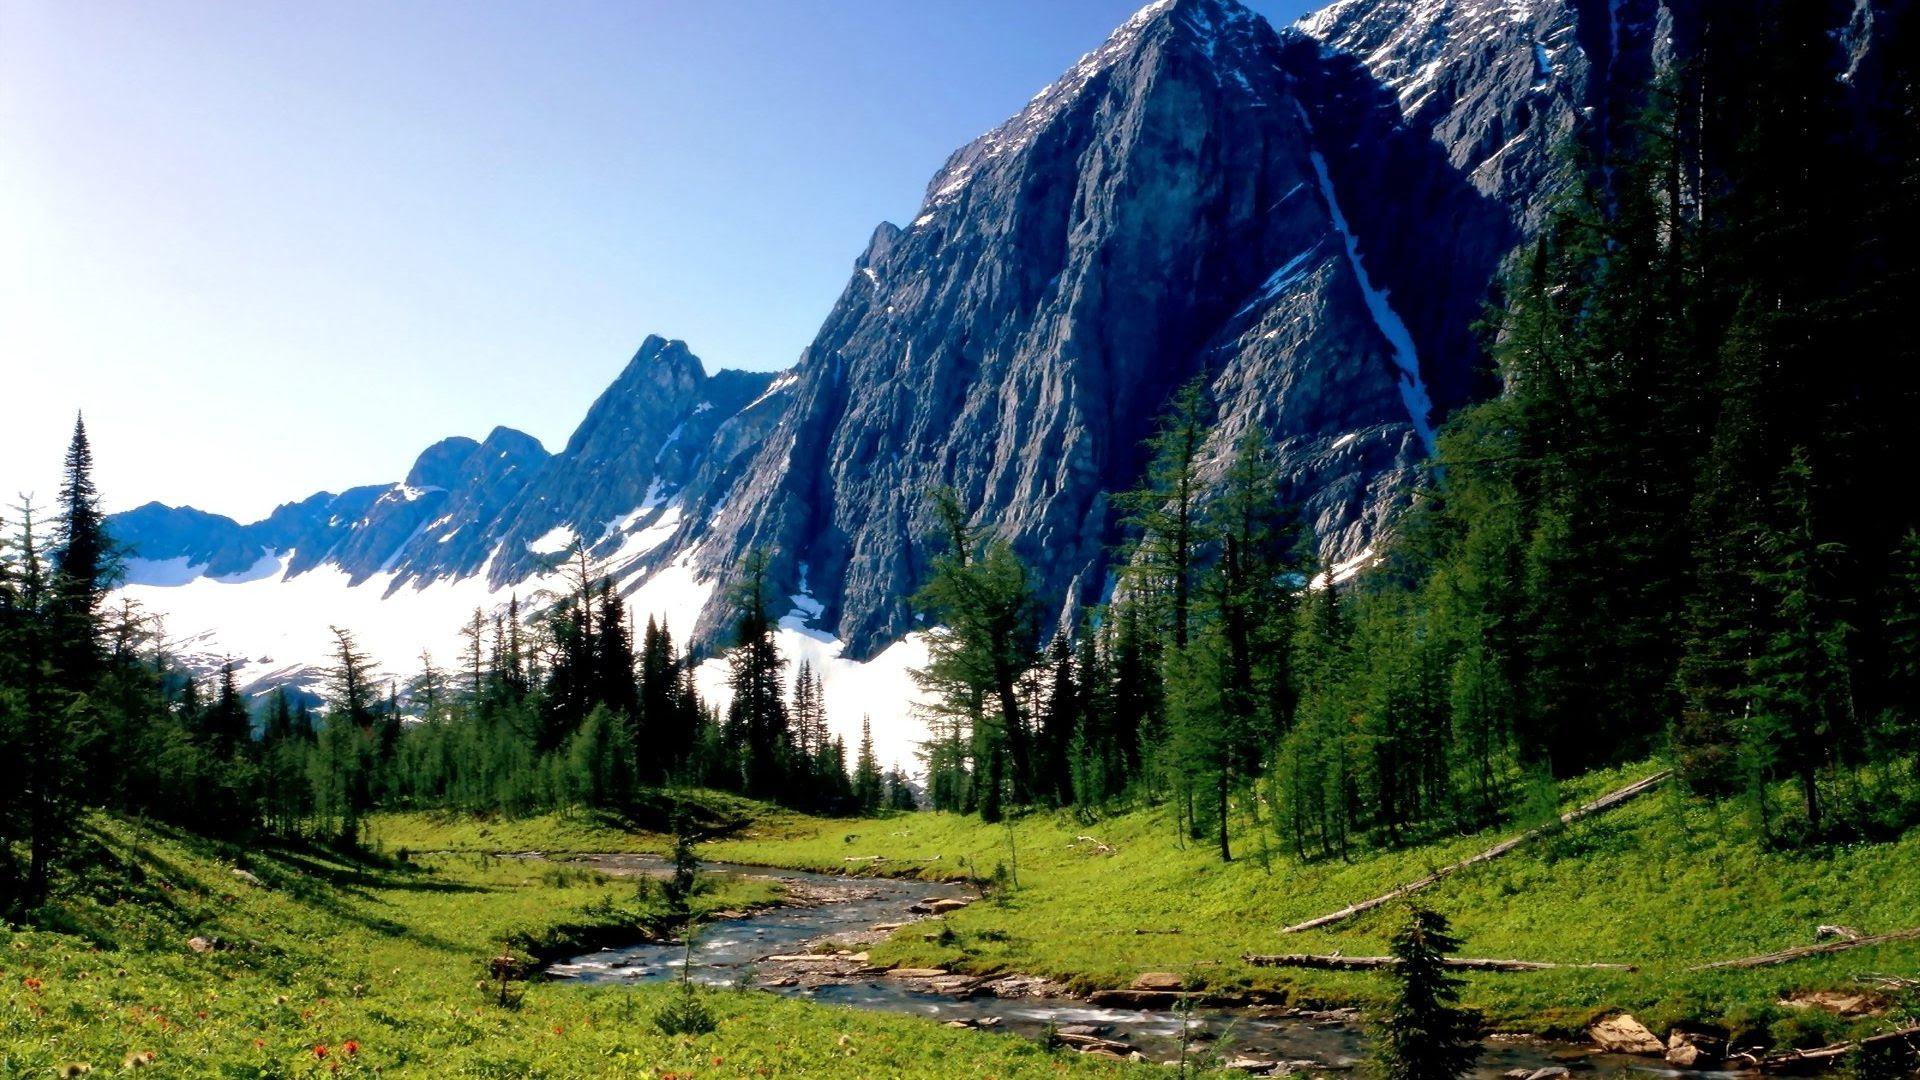 Beautiful Mountain [1920x1080]